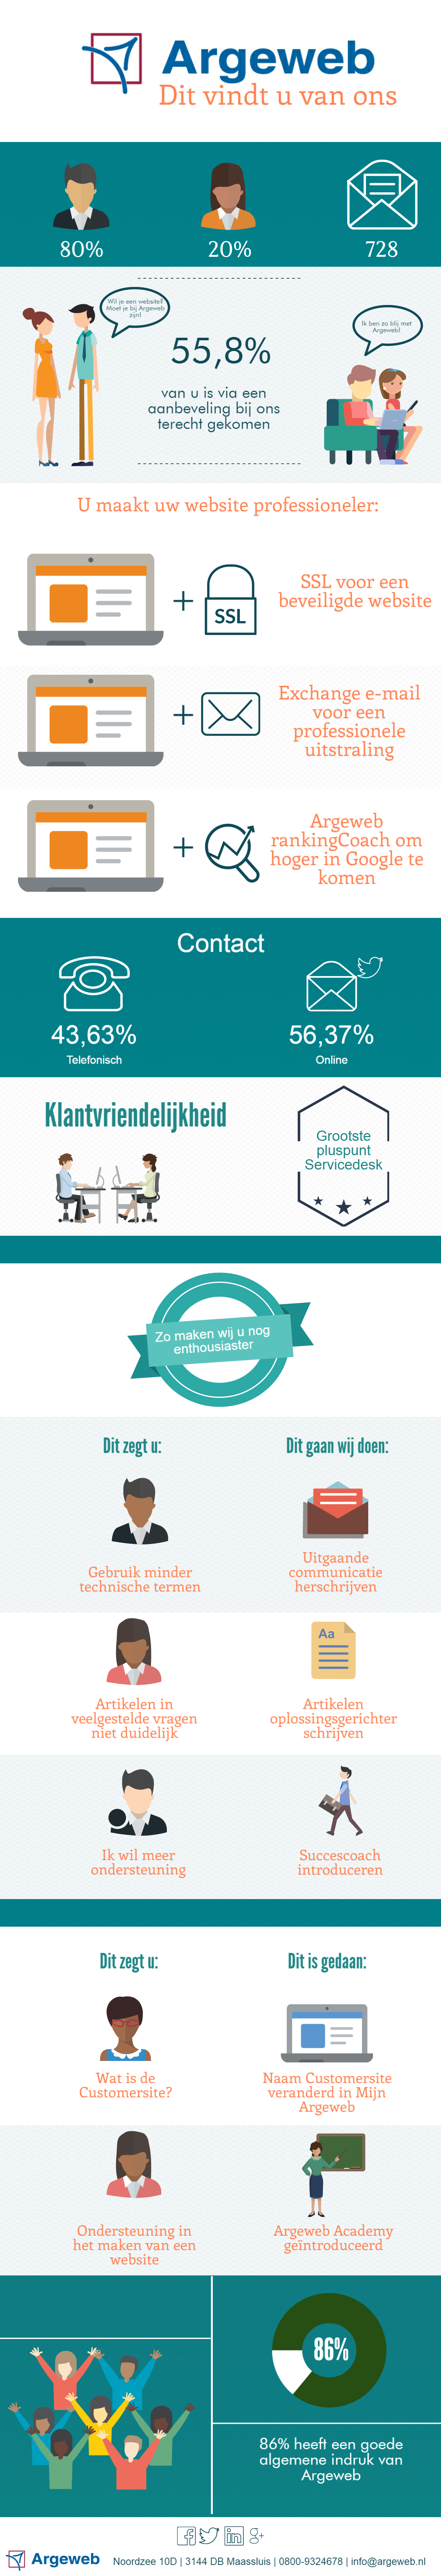 Infographic klanttevredenheidsonderzoek Argeweb